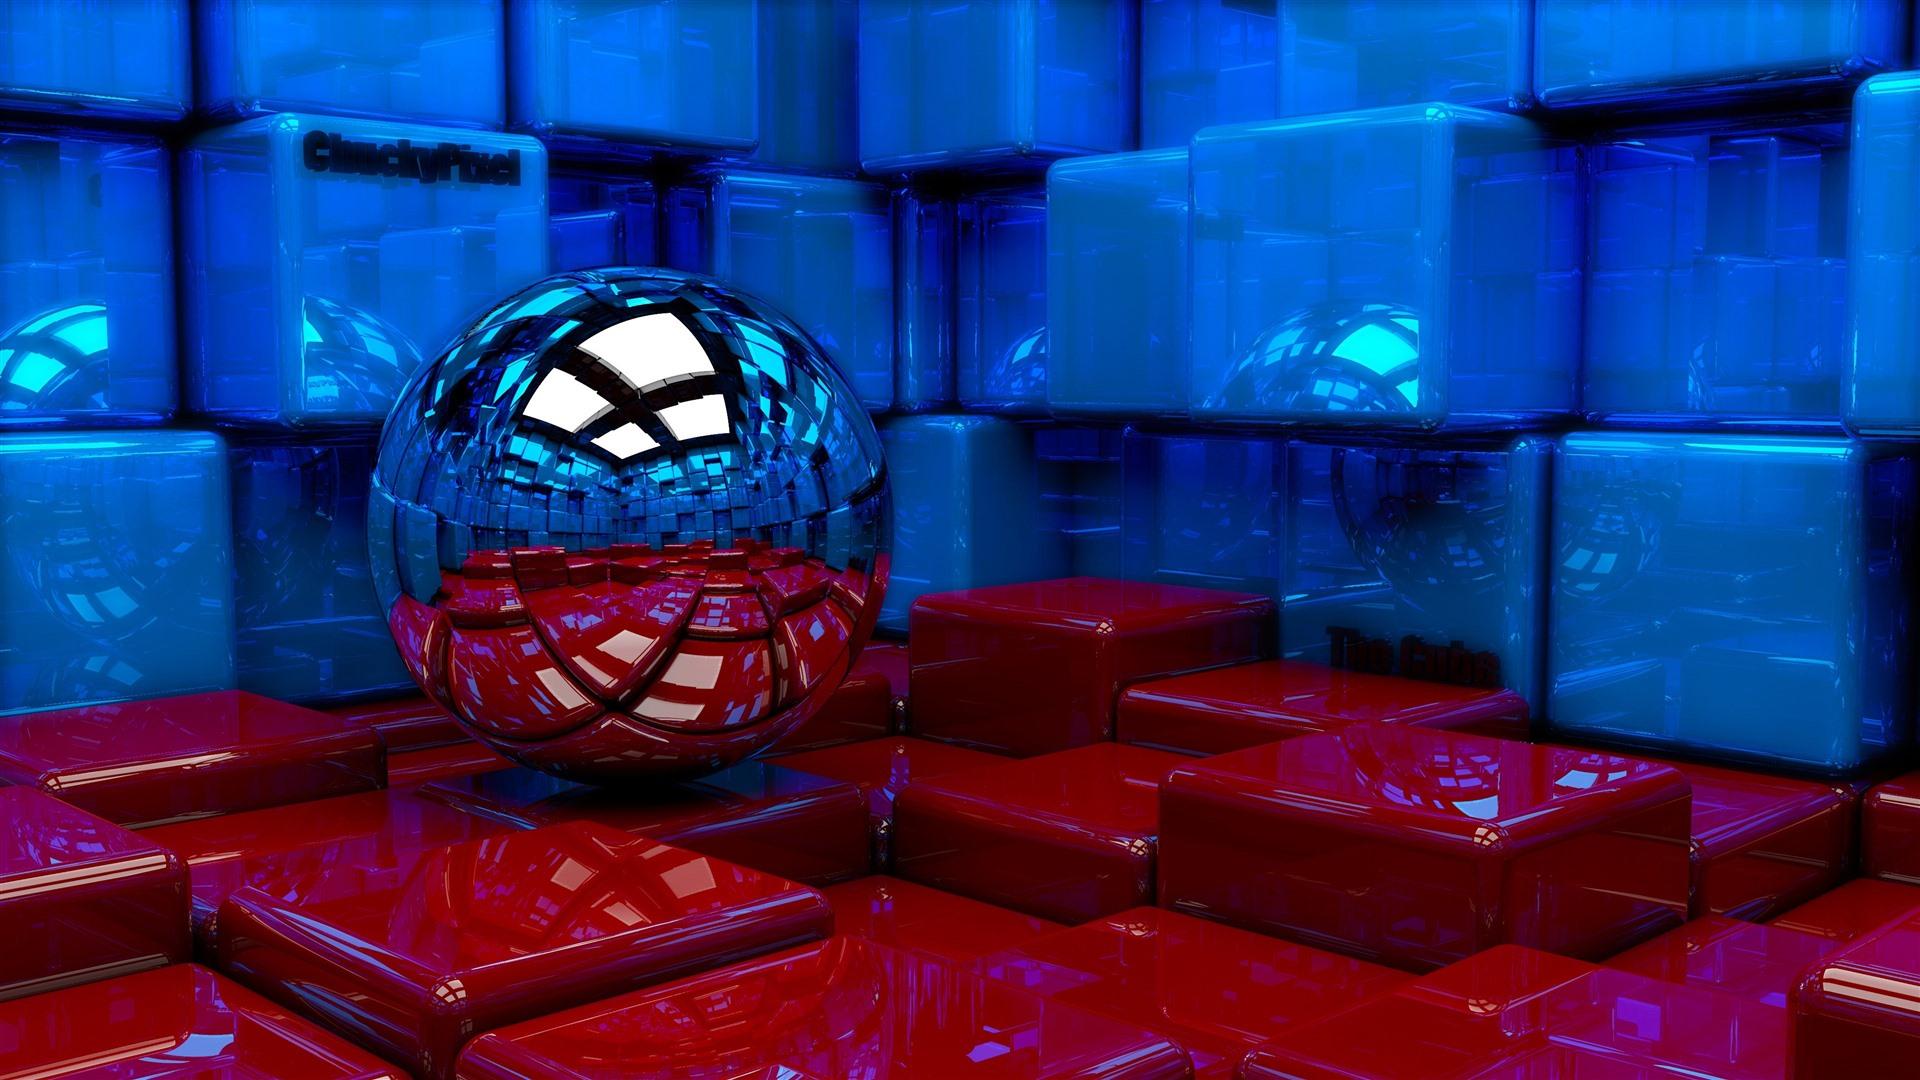 Обои на рабочий стол кубики и шарики